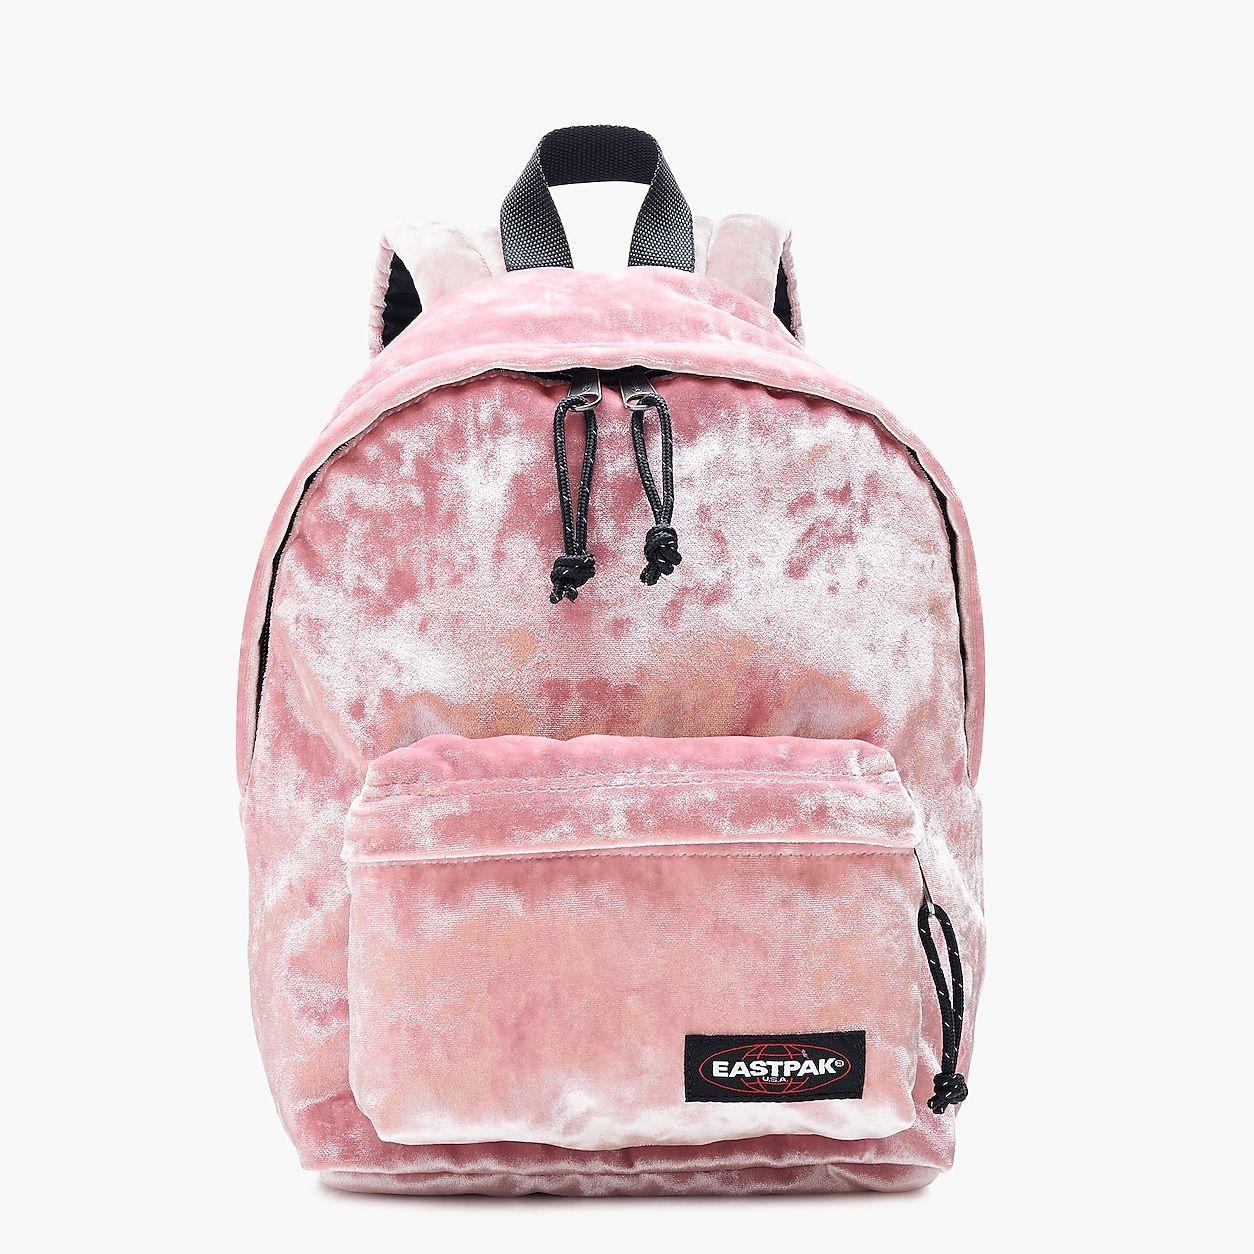 Eastpak For Orbit Backpack In Pink Velvet | Sac, Sac a dos